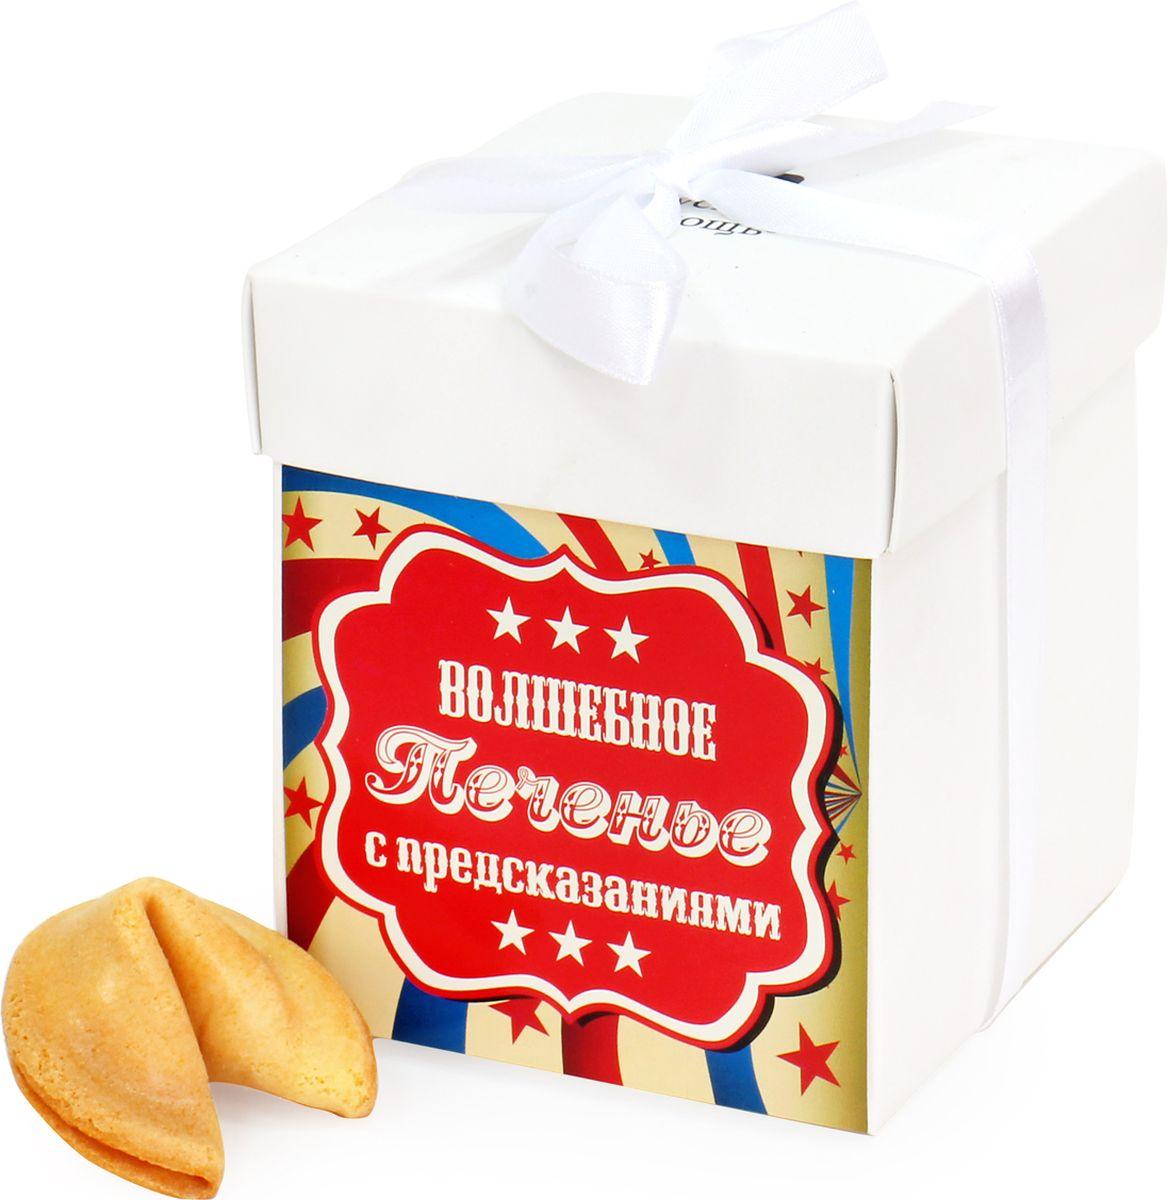 Волшебное печенье Вкусная помощь с предсказаниями, 7 шт4640000274832Вы скоро устраиваете вечеринку, или вы приглашены на чей-то праздник, а может быть, вы хотите собраться с друзьями, попивая чашечку ароматного чая? Тогда стоит подумать об изюминке, которые вы готовы привнести на ваше мероприятие. Прекрасное дополнение для вашего праздника – это печенье с предсказаниями.Предсказания наполнены теплотой и нежностью, они будут приятны каждому. Покупайте коробку печенек с предсказаниями – испытывайте судьбу!Примеры китайских предсказаний:Любви пусть вашей яркий свет, вас греет много-много летВас ждут путешествияВас ждет встреча с важным человекомВы станете для кого-то подарком судьбыВас ждет удачное решение денежных вопросовОчень полезными окажутся старые связиВы сможете взглянуть на мир по-новомуНеделя благоприятна для налаживания семейных отношенийНе бойтесь менять что-то в своей профессиональной жизниВас ожидает вечеринка-сюрпризСконцентрируйте все силы на воплощение главной мечтыВнутри семь хрустящих печений зефирного вкуса с записочками в красочной упаковке.